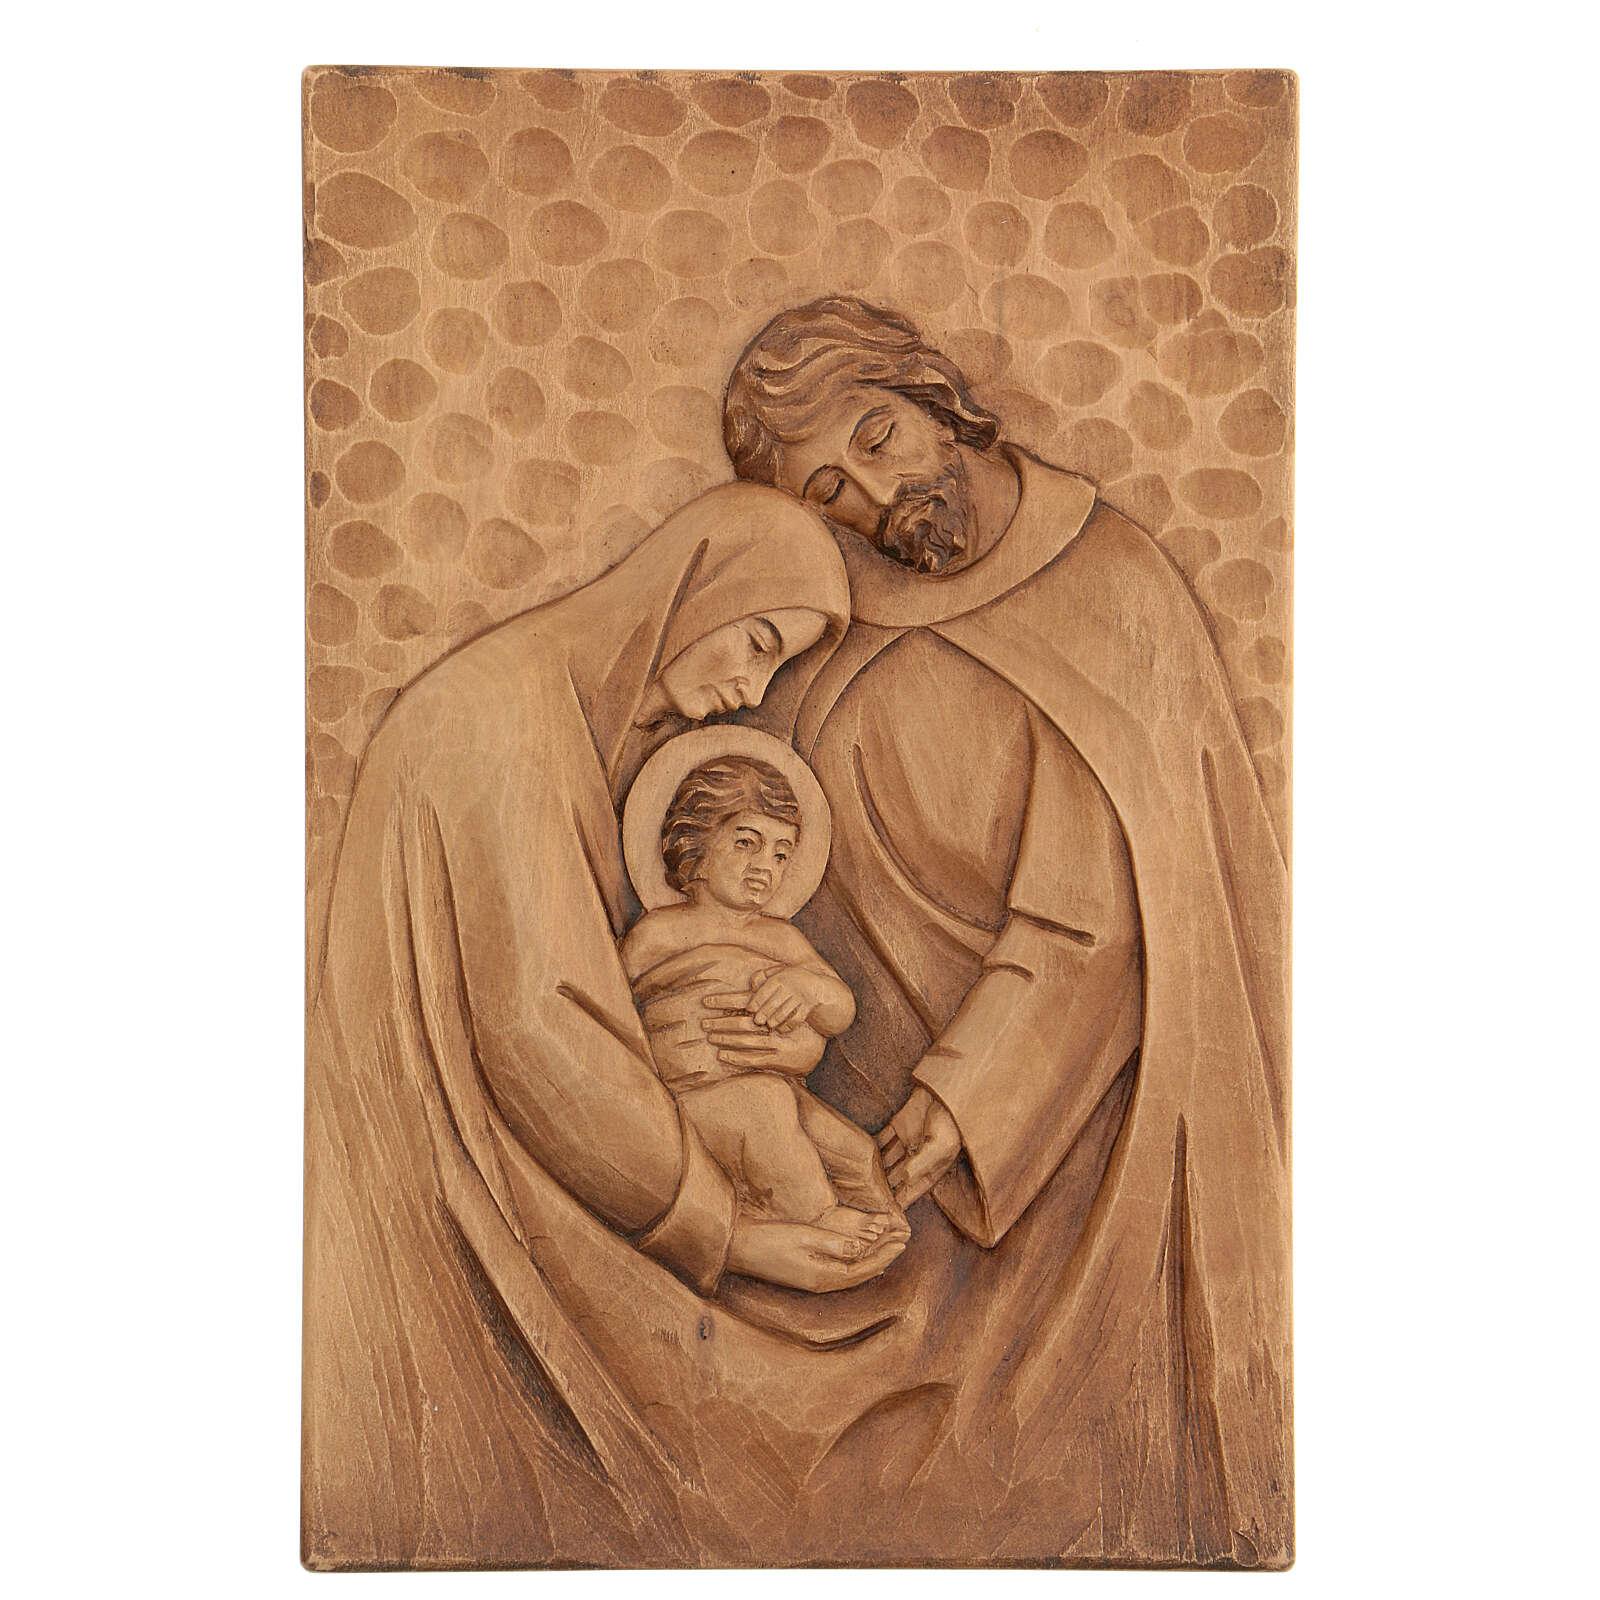 Baixo-relevo Sagrada Família madeira 30x20x5 cm Mato Grosso 4